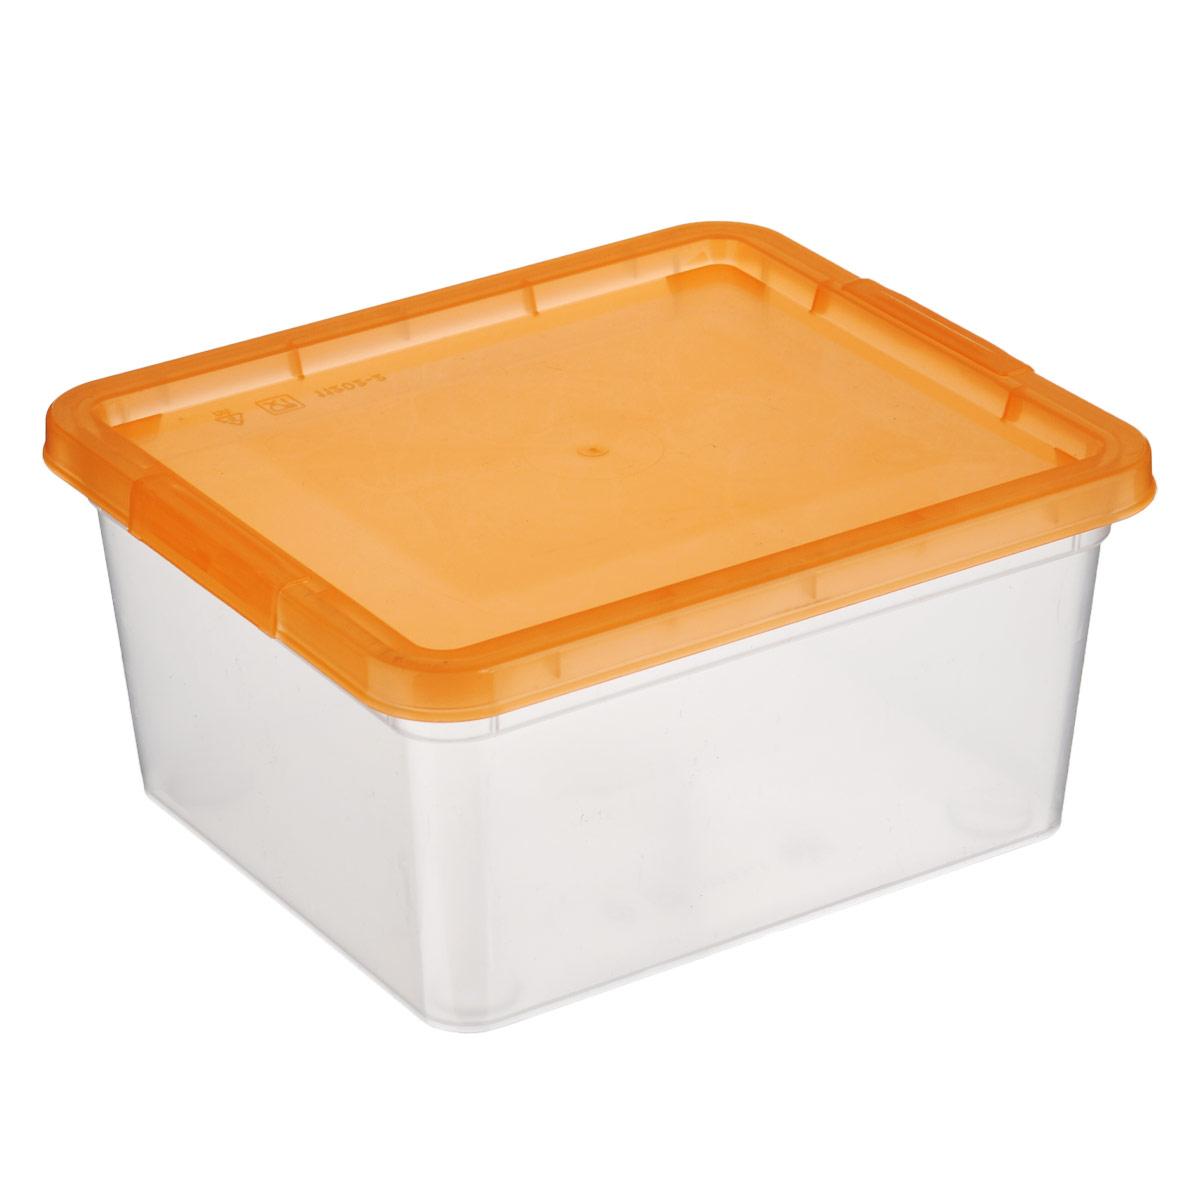 Коробка для мелочей Полимербыт, цвет: оранжевый, 1,9 лС510 оранжевыйКоробка для мелочей Полимербыт изготовлена из прочного пластика. Стенки изделия прозрачные, что позволяет видеть содержимое. Цветная полупрозрачная крышка плотно закрывается и легко открывается. Коробка идеально подходит для хранения различных мелких бытовых предметов, таких как канцелярские принадлежности, аксессуары для рукоделия и т.д. Такая коробка сохранит все мелкие предметы в одном месте и поможет поддерживать в доме порядок.